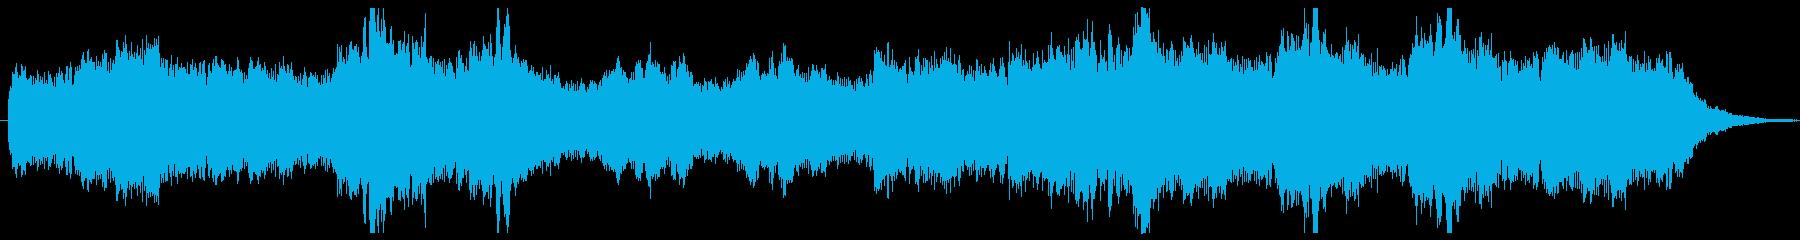 インスピテーションとオーケストラの音楽の再生済みの波形